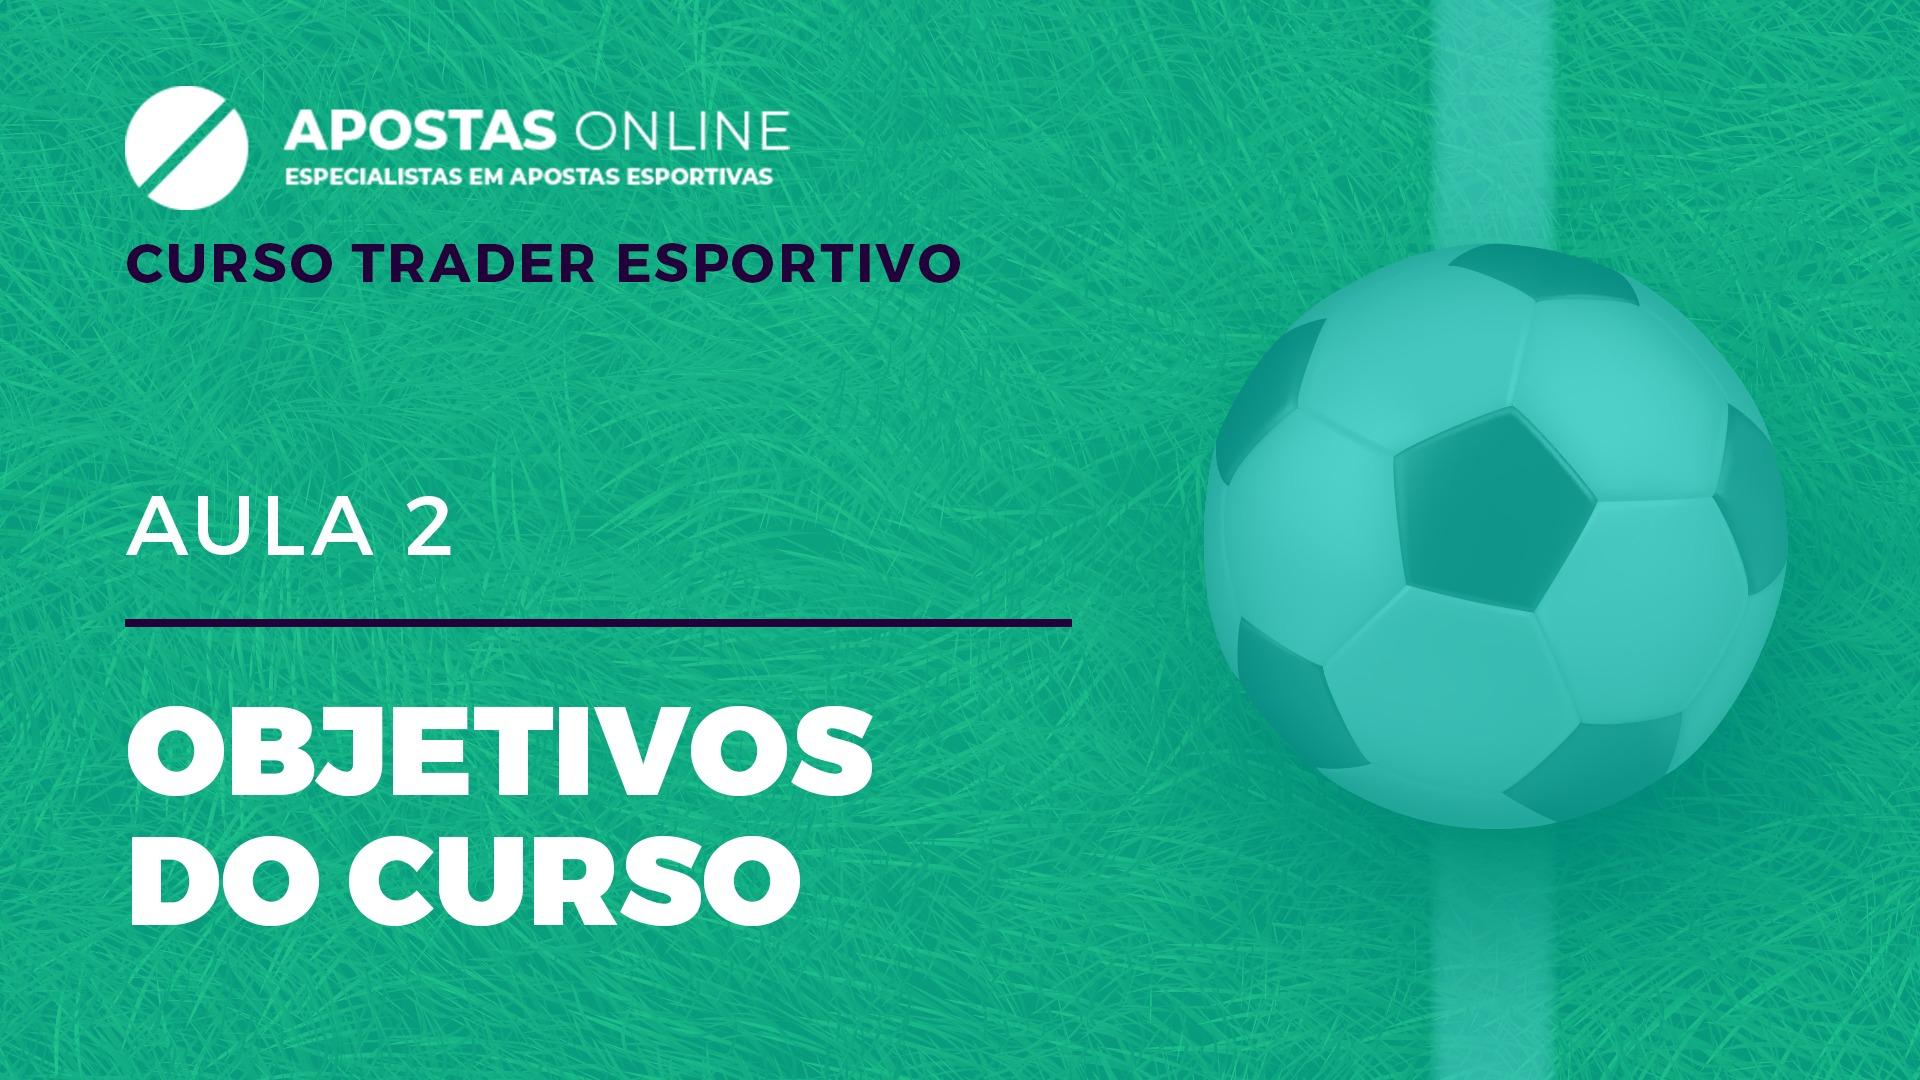 Curso Trader Esportivo: Objetivos do Curso | Aula 2